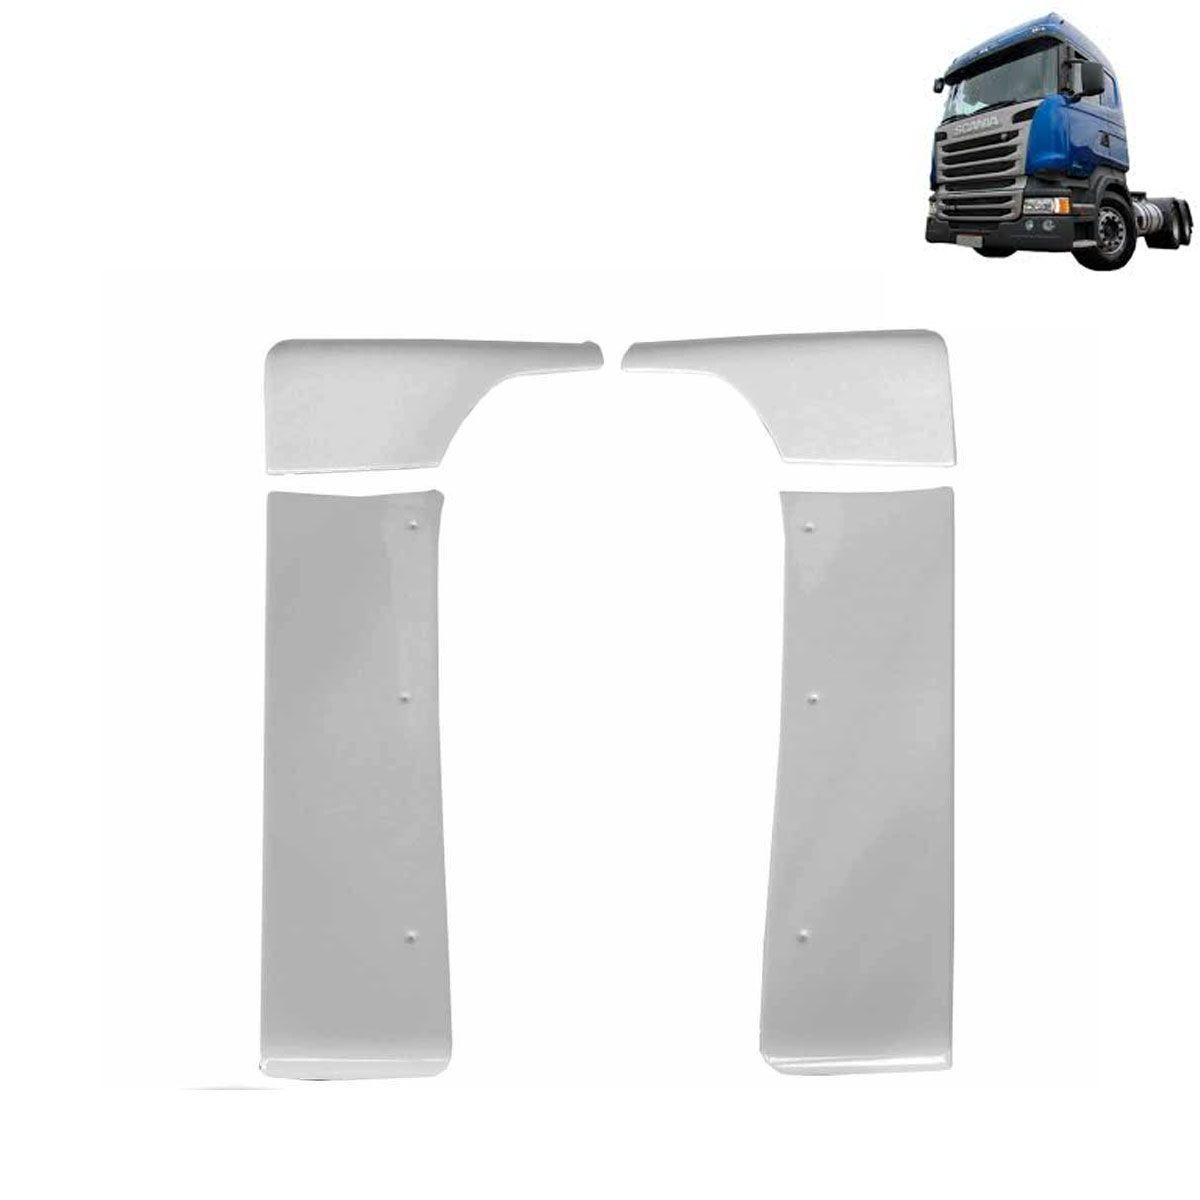 Cegonheiro Compatível com o Caminhão Scania S4   S5 Cabine G   Streamline sem Filtro